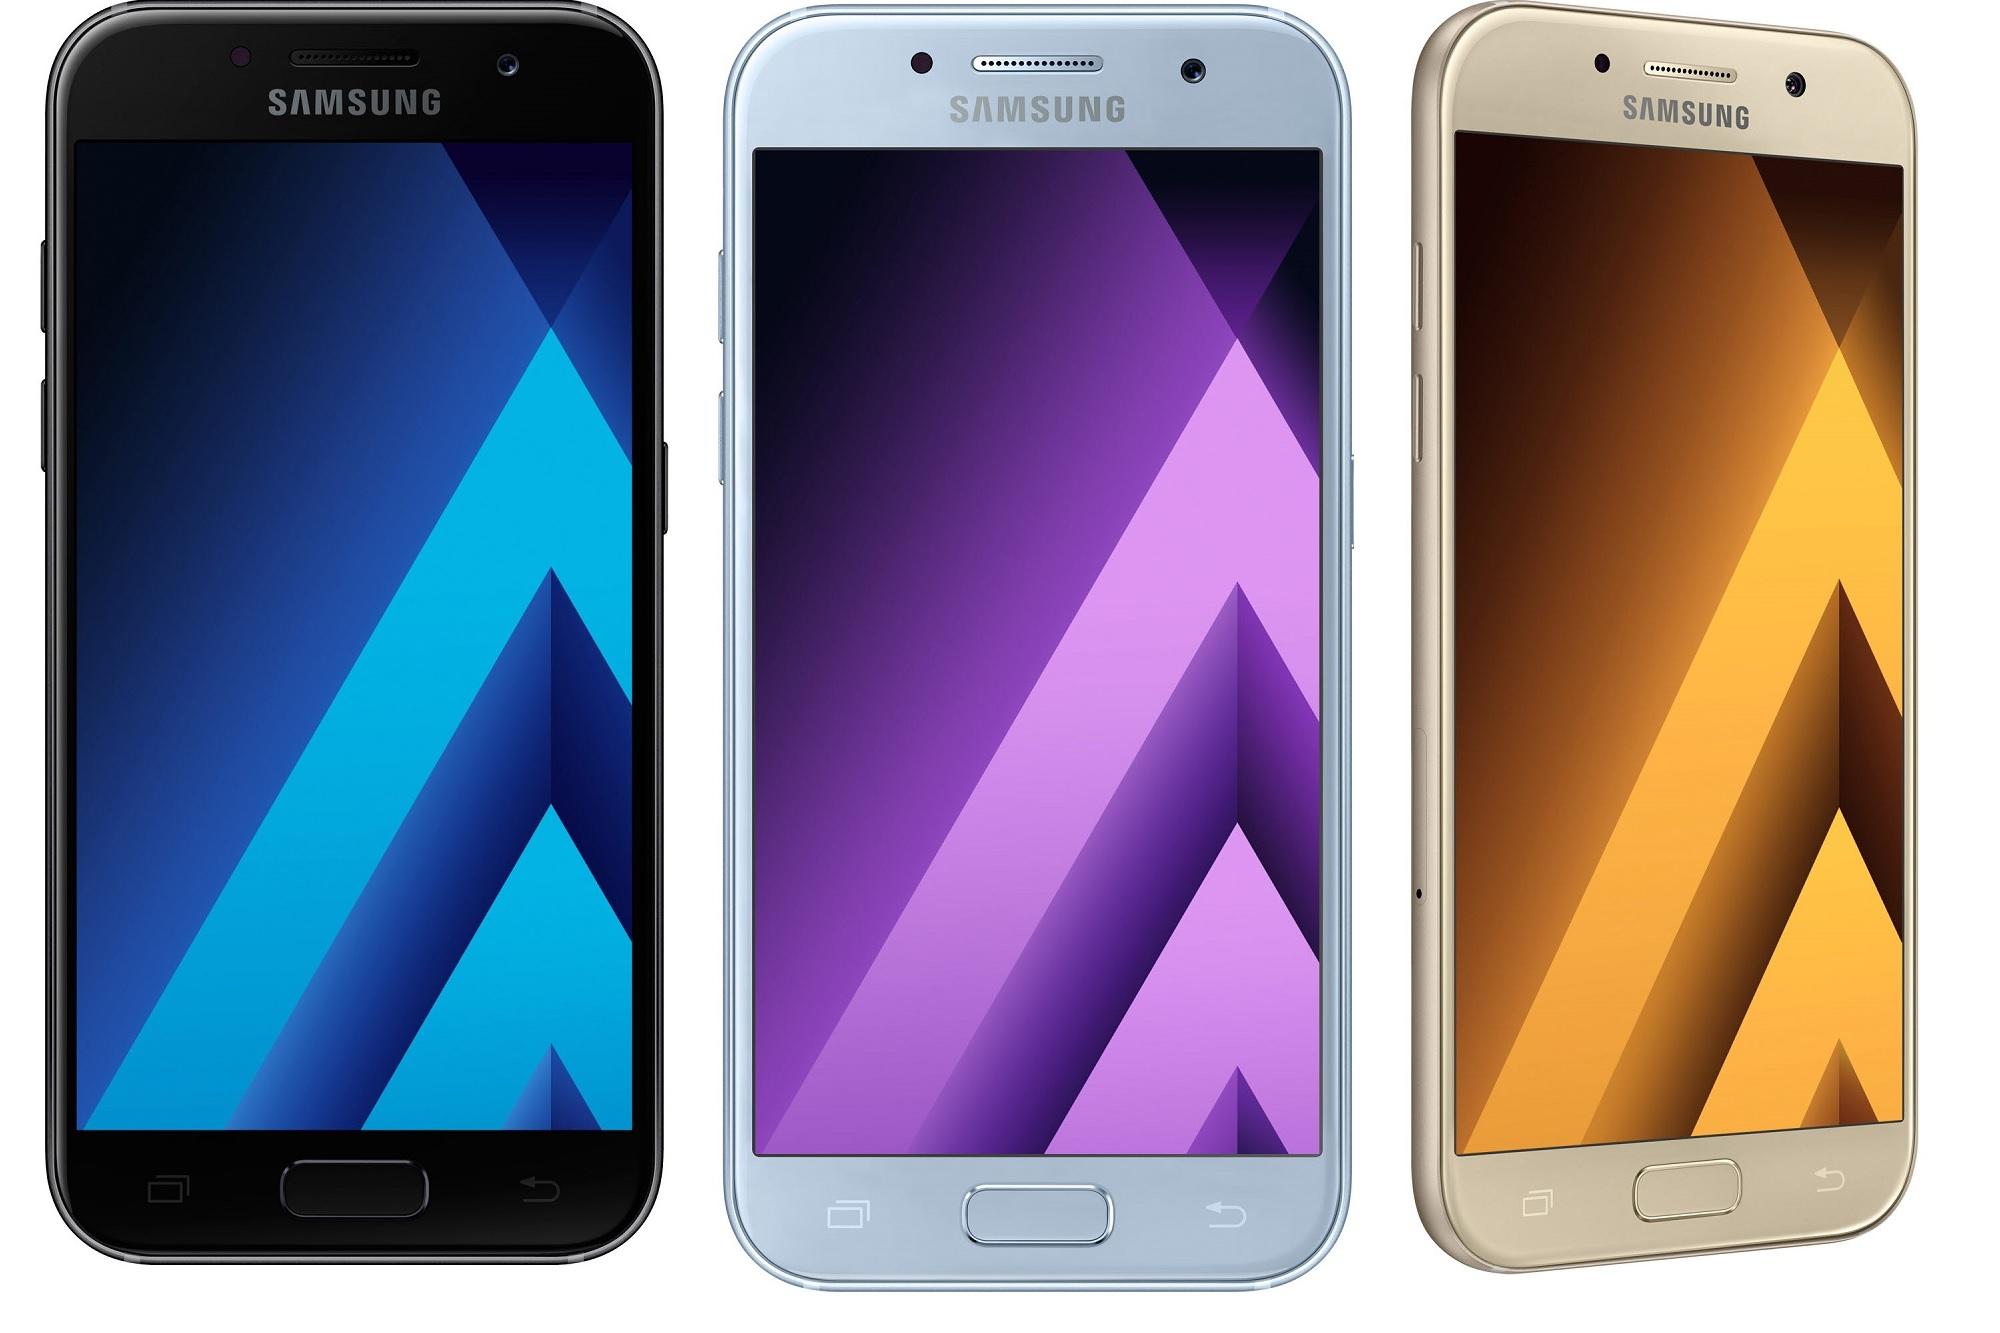 samsng galaxy a5 galaxy a3 2017 gadget smartphone